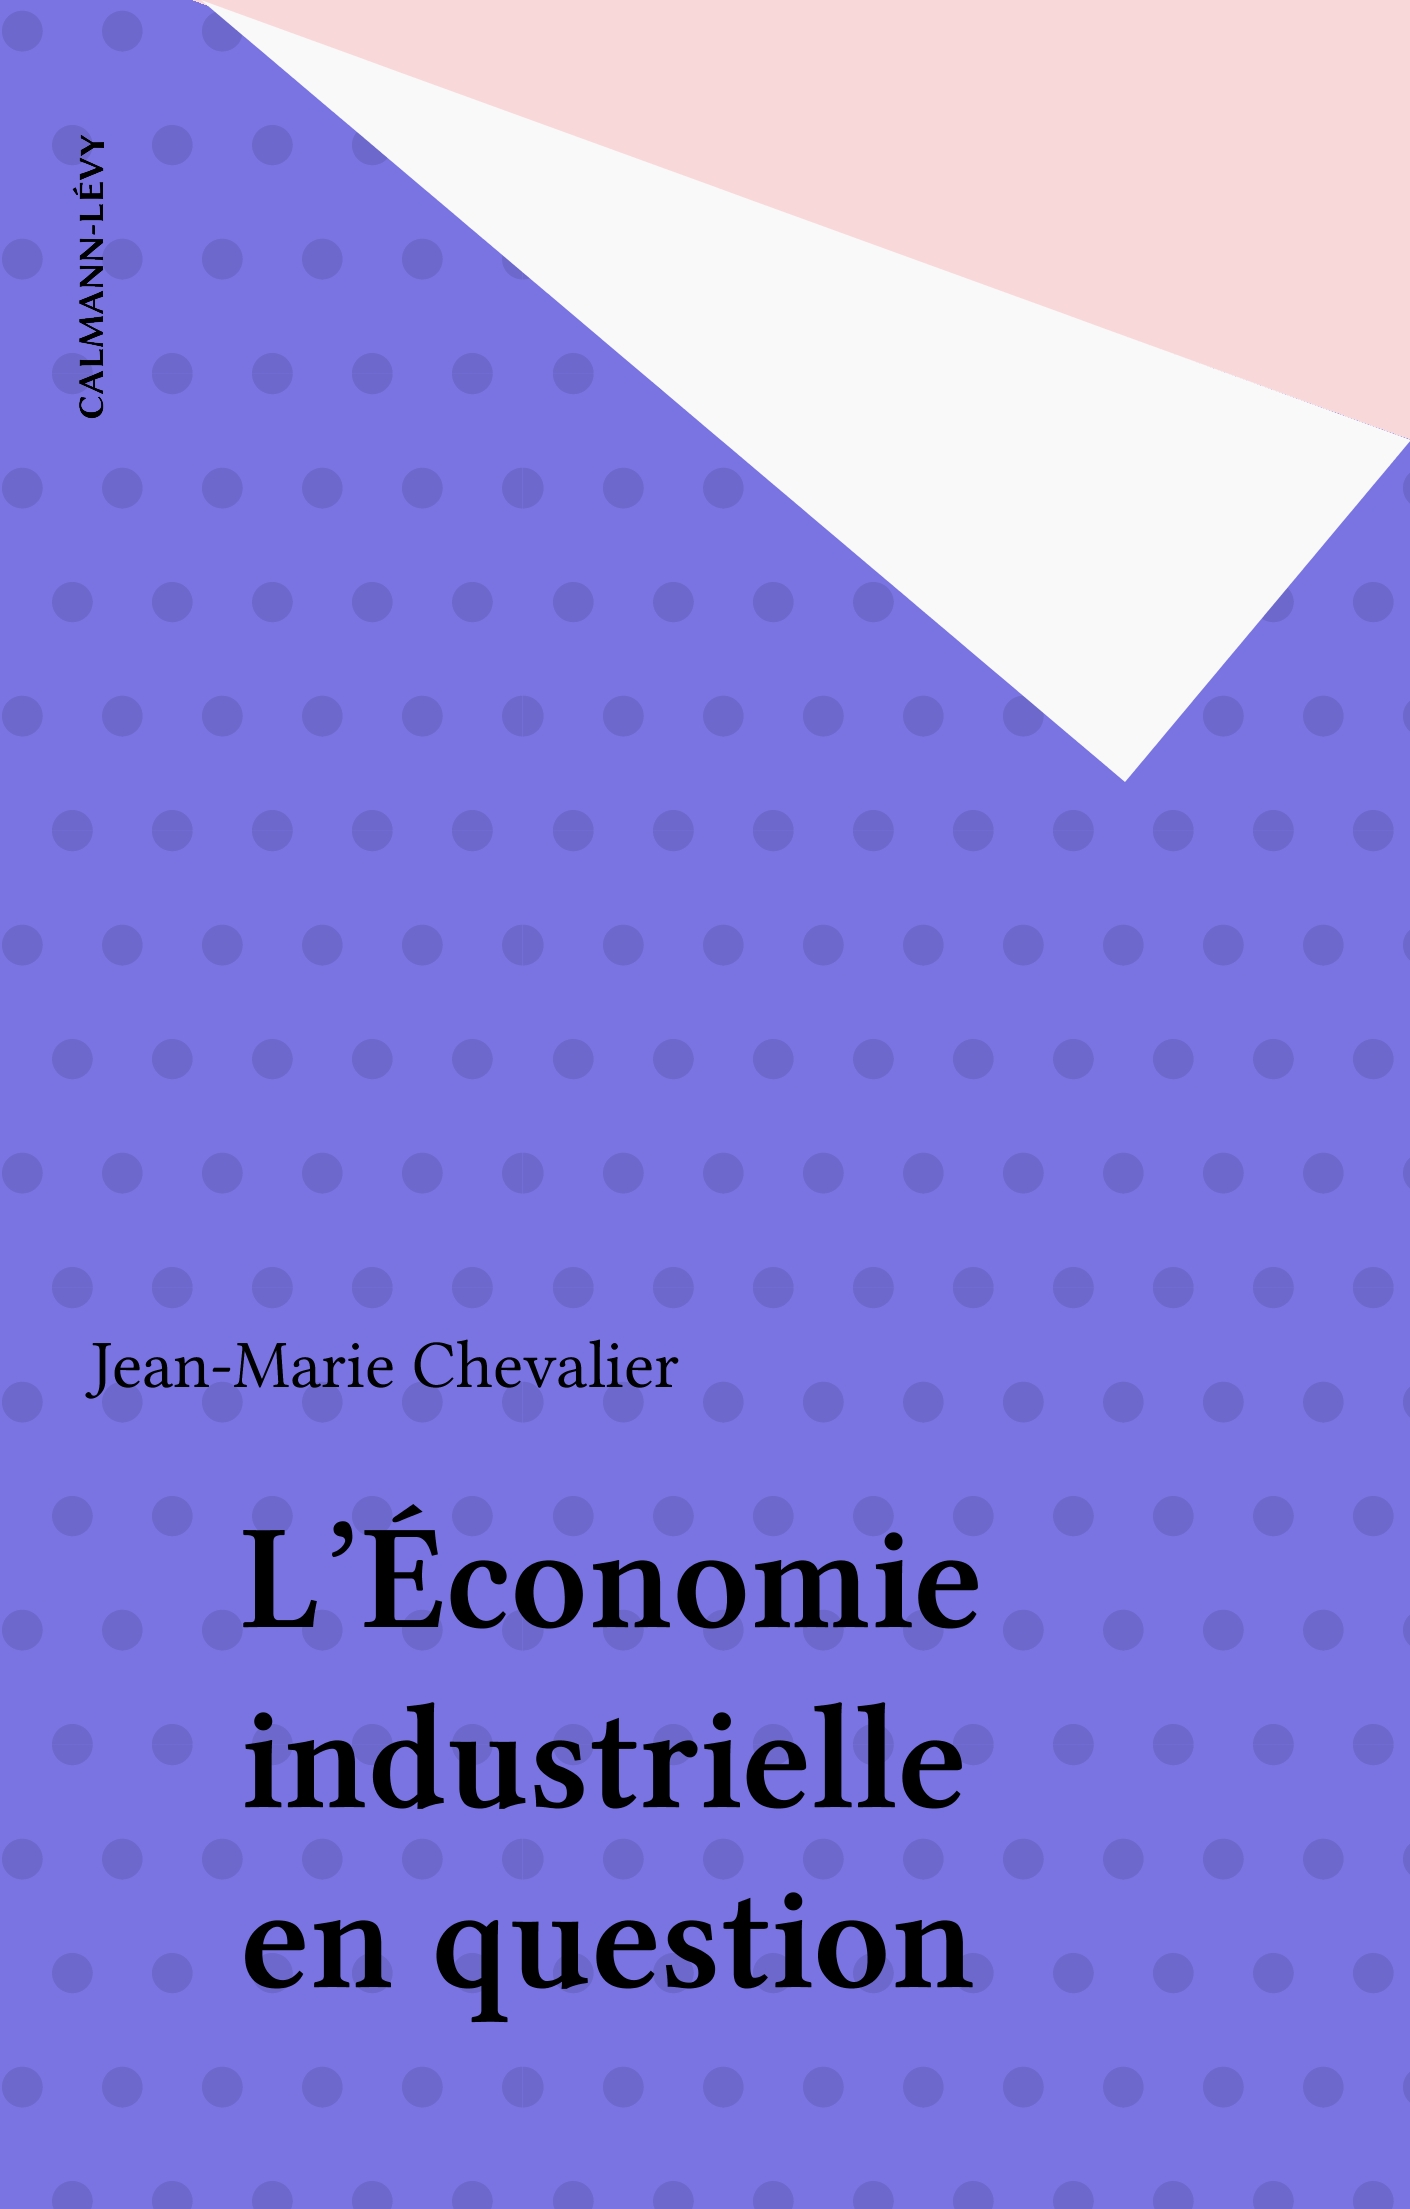 L'Économie industrielle en question